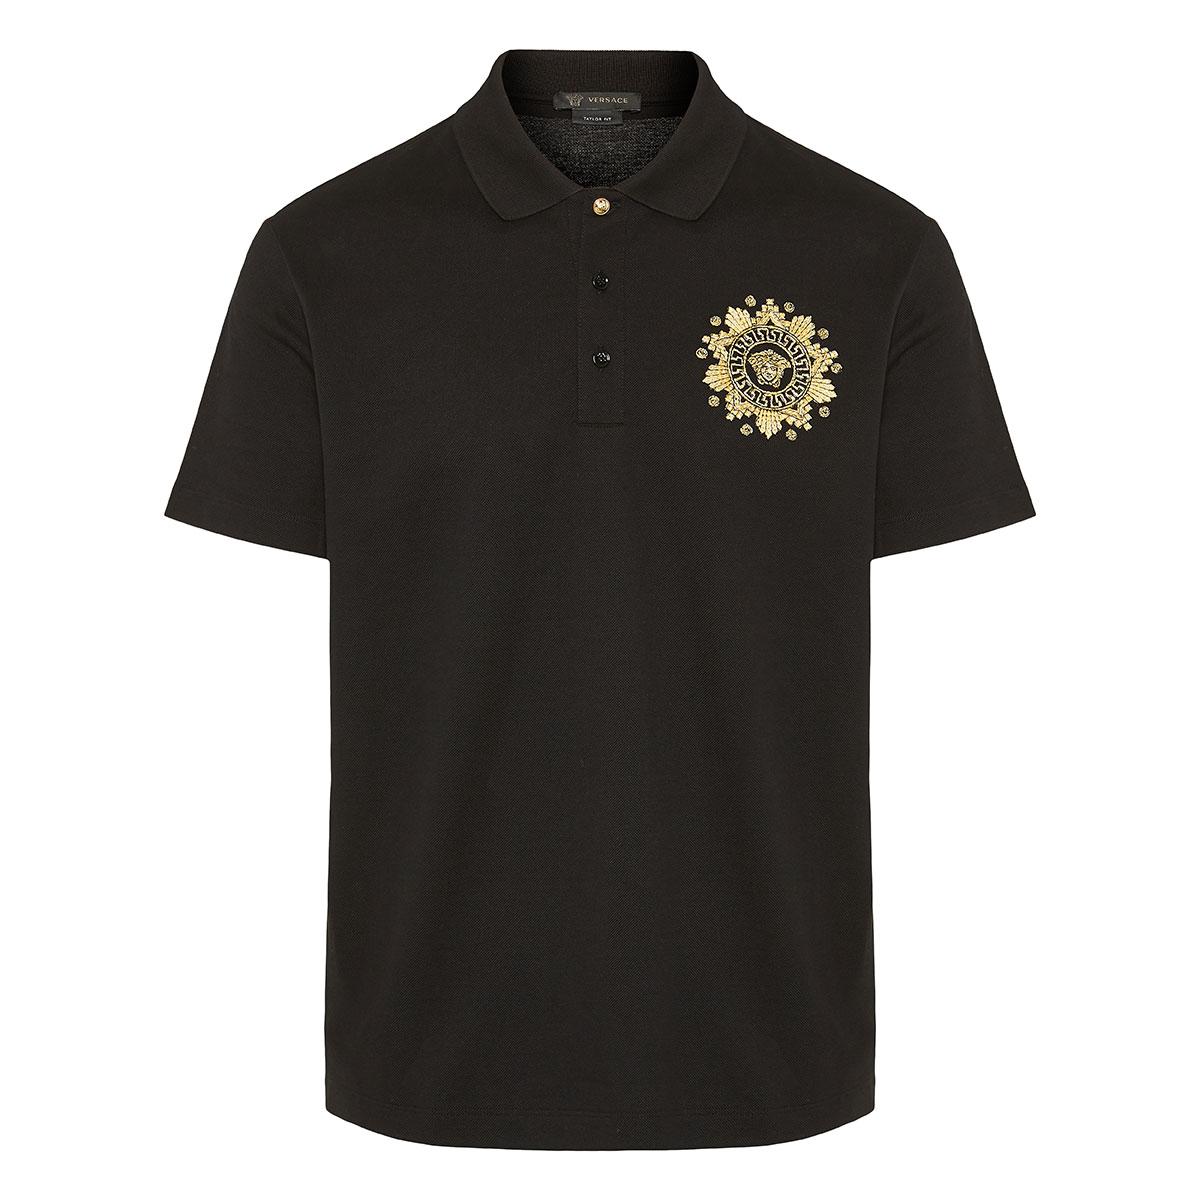 Medusa embroidered polo shirt